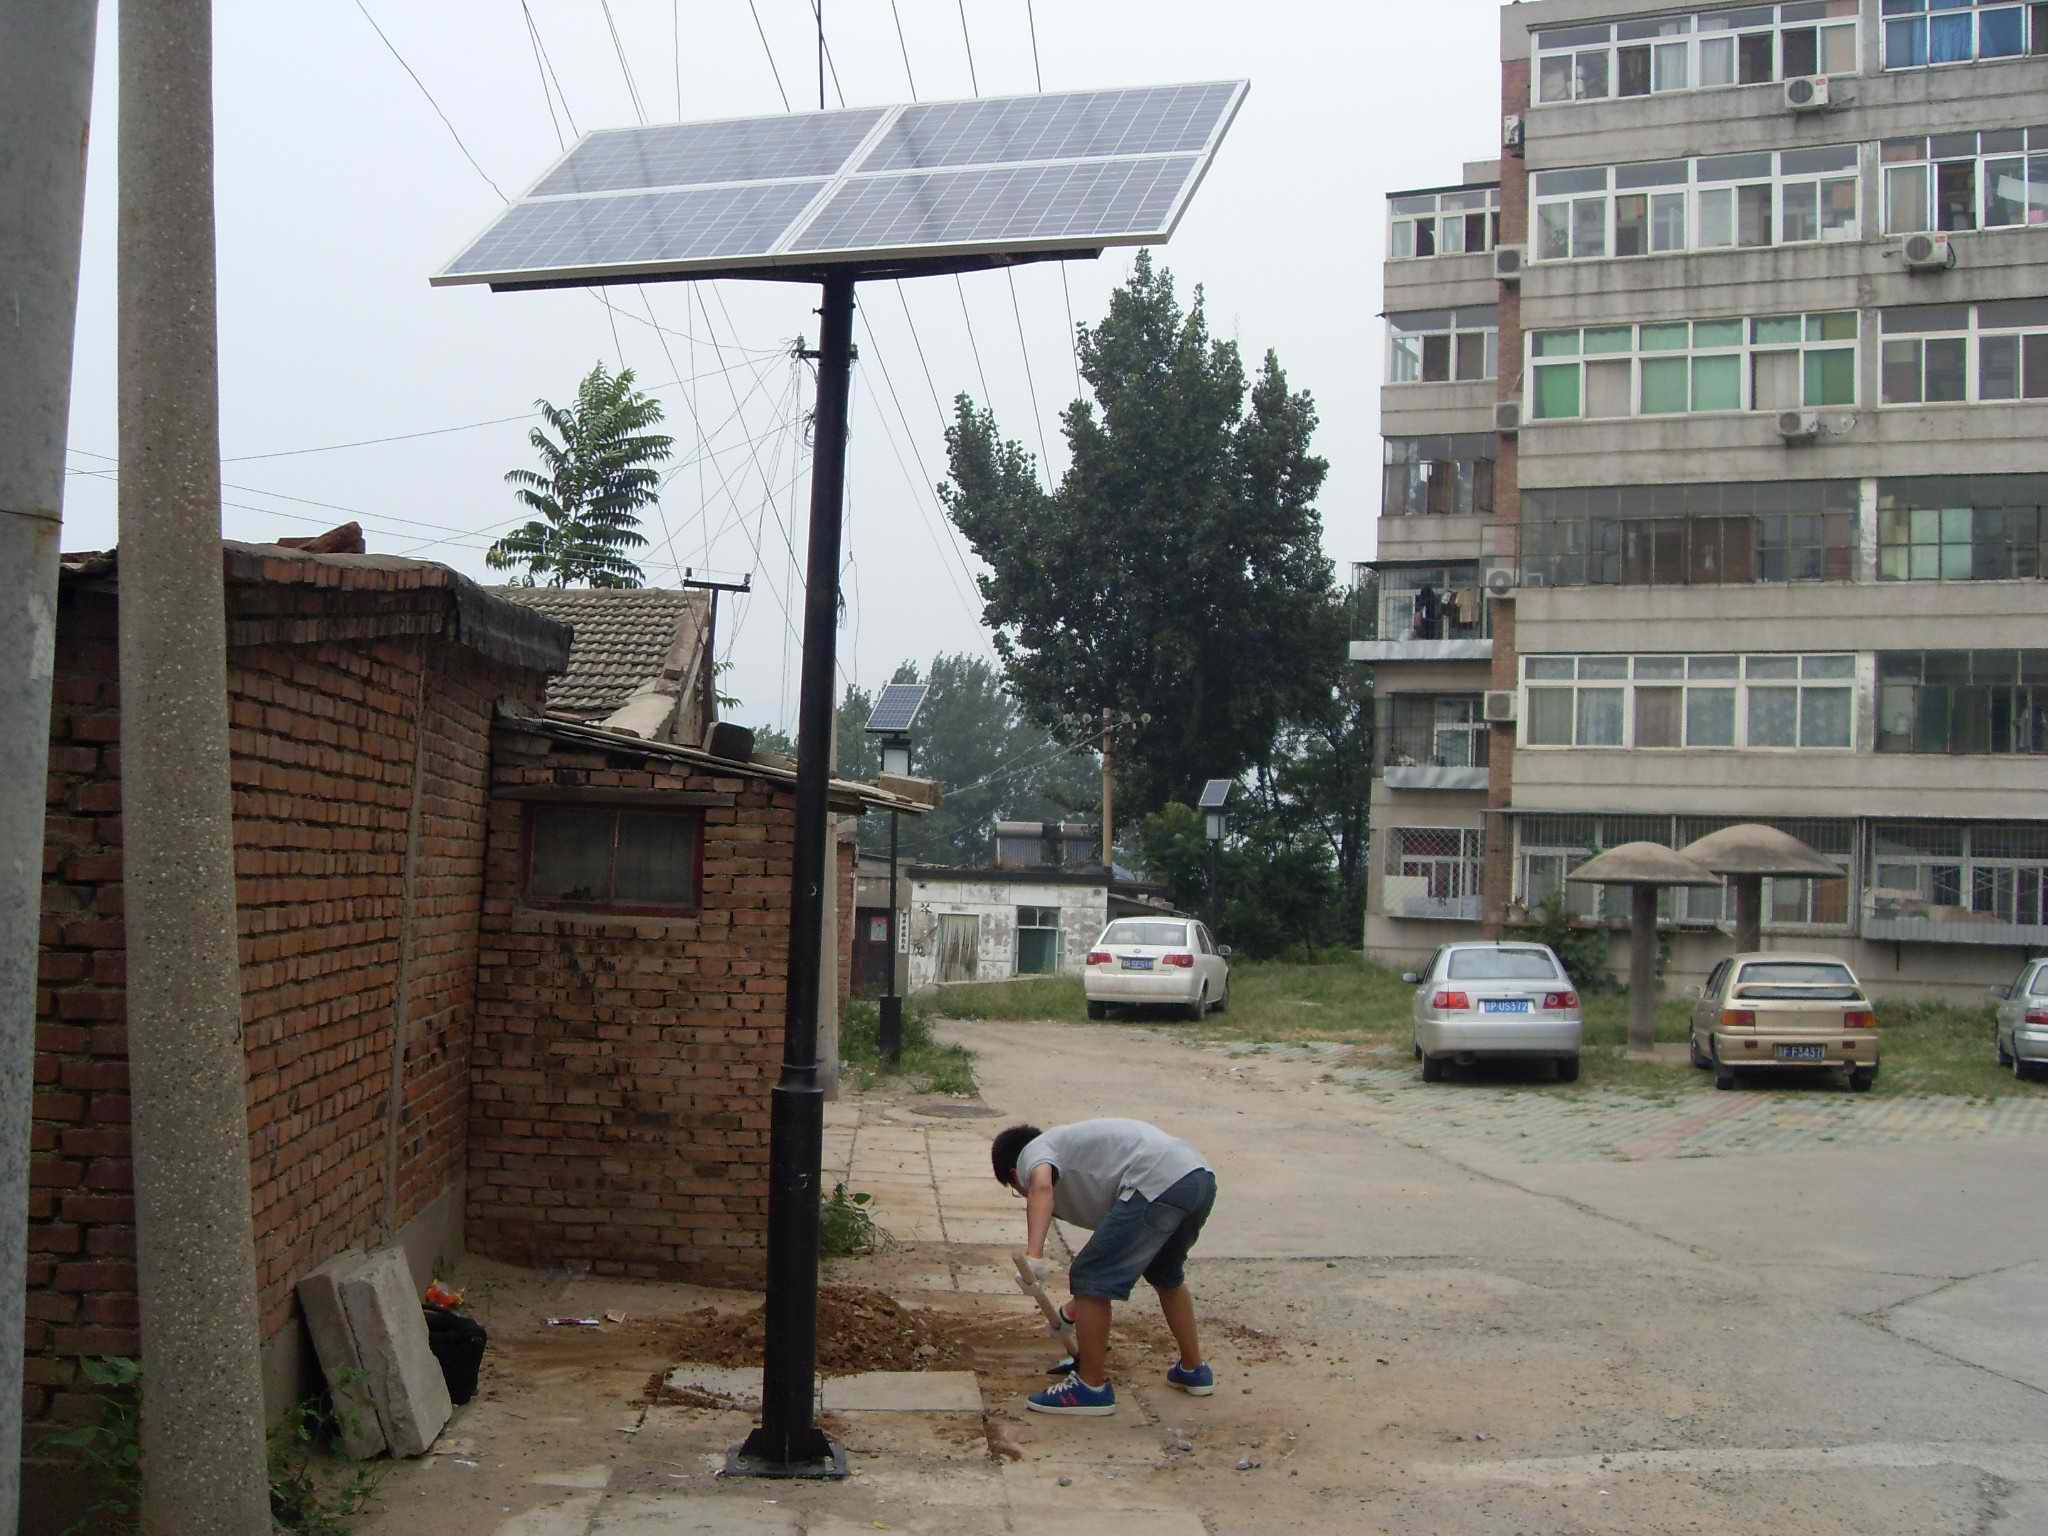 北京石景山炮厂小区太阳能庭院灯工程